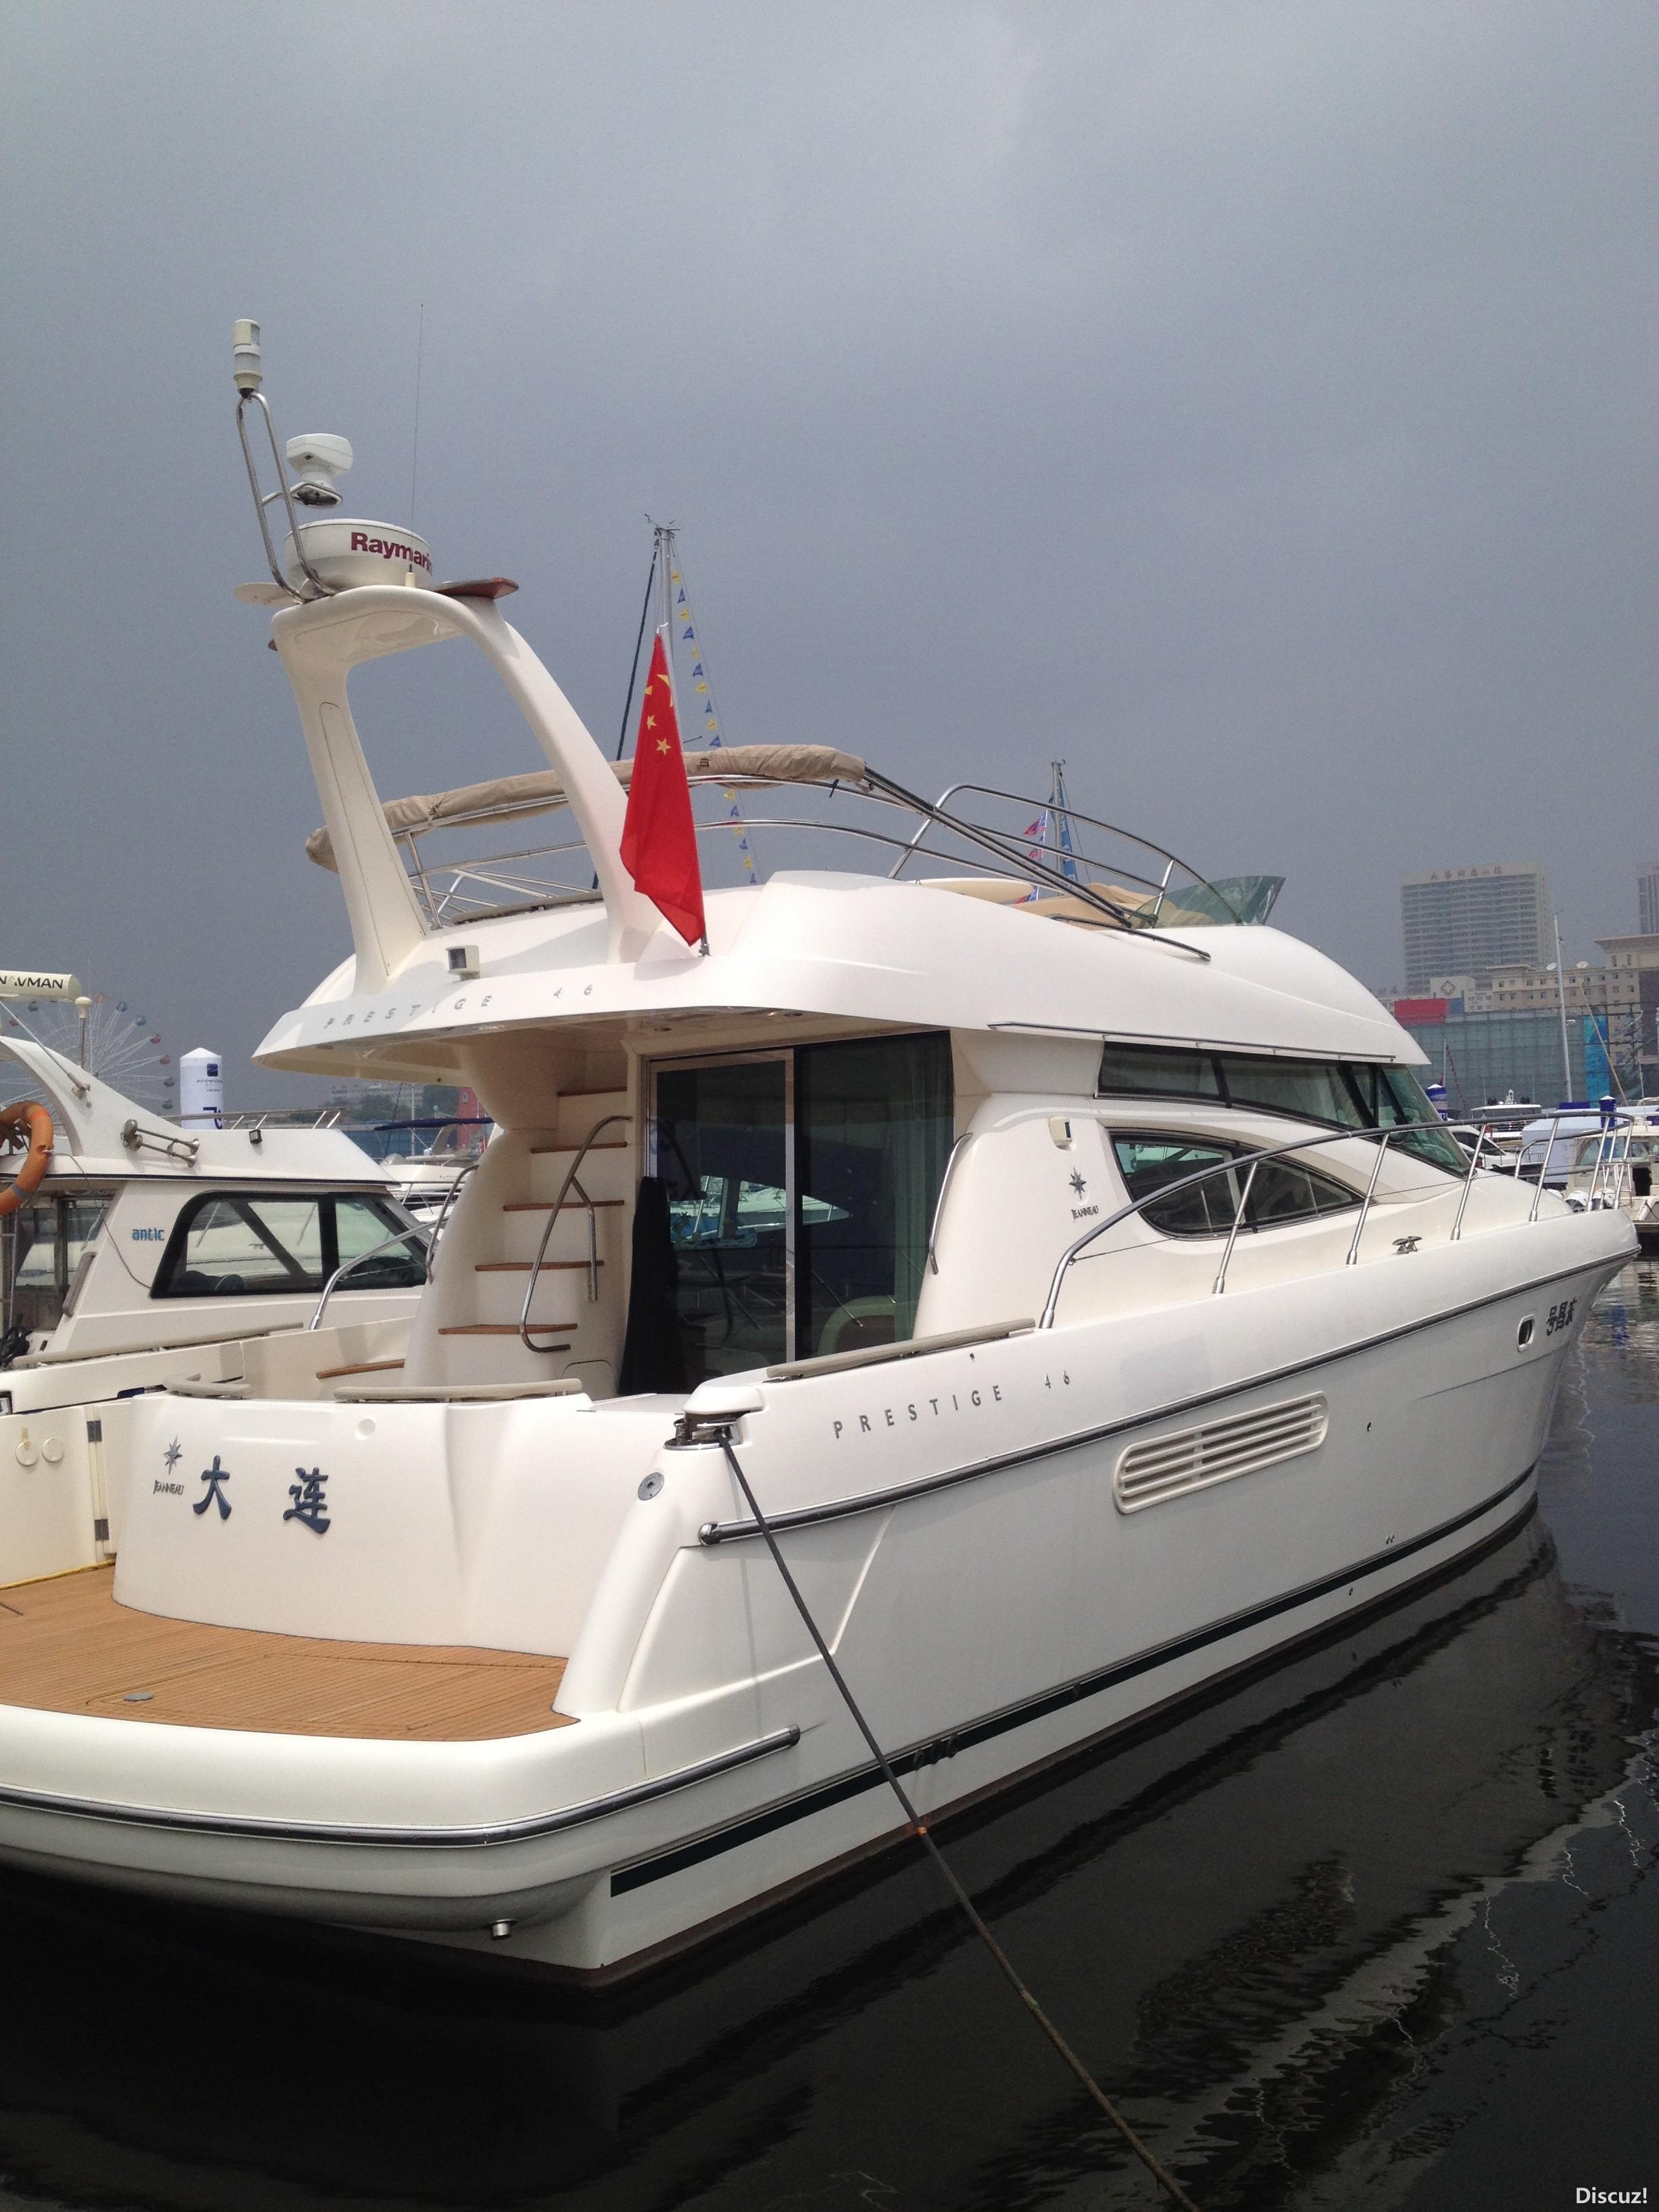 星海湾,大连 大连星海湾游艇码头游艇展-2 IMG_4502.JPG